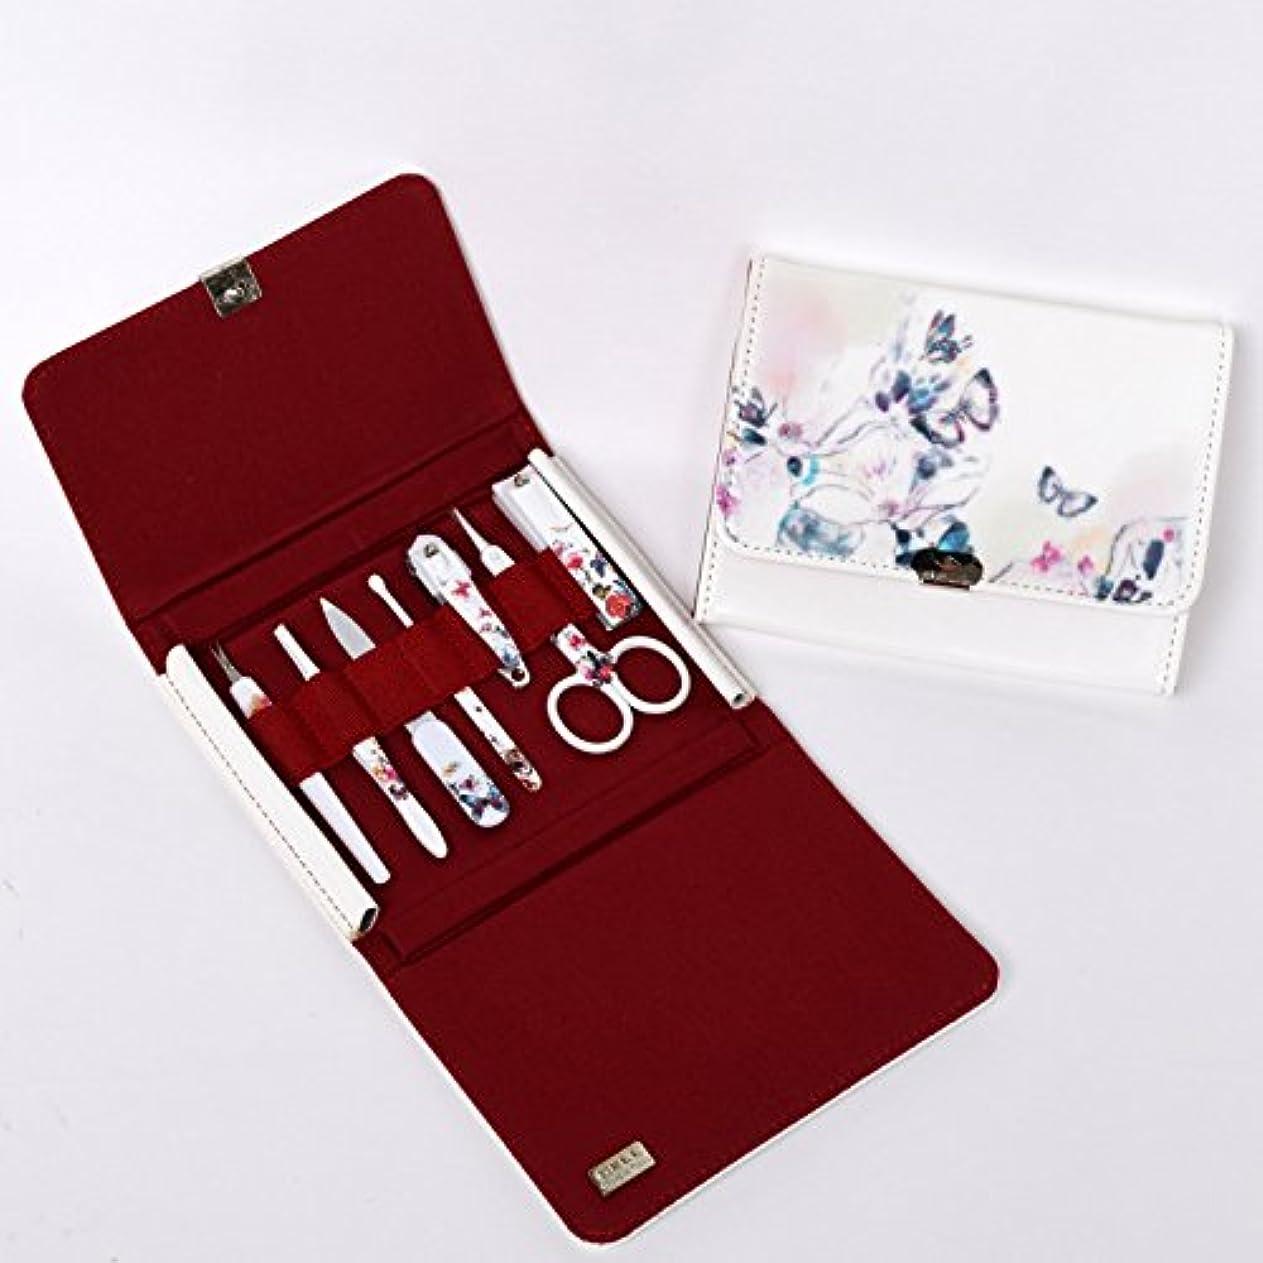 ぶどう森林退却BELL Manicure Sets BM-270 ポータブル爪の管理セット 爪切りセット 高品質のネイルケアセット高級感のある東洋画のデザイン Portable Nail Clippers Nail Care Set